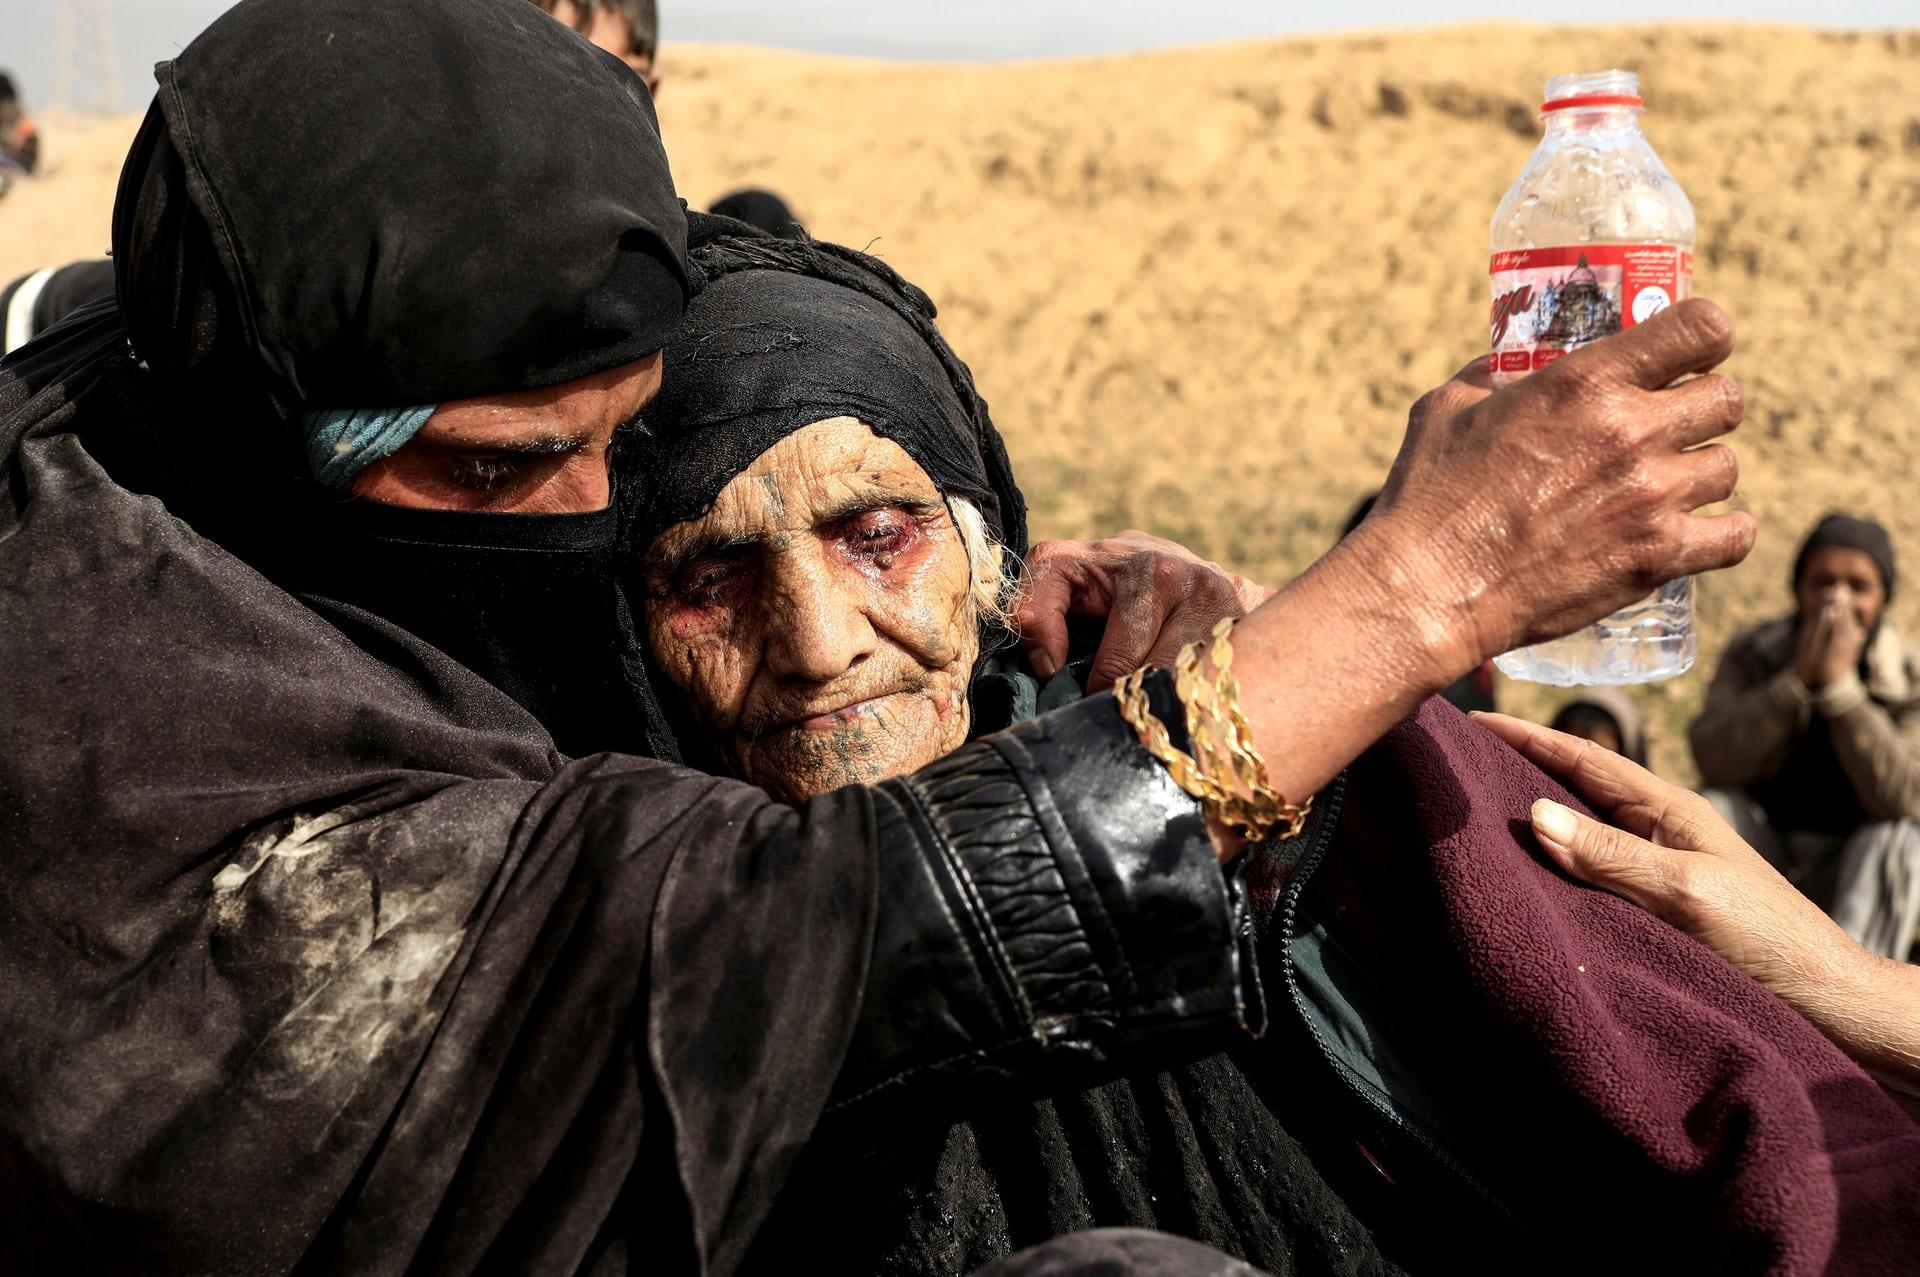 النساء ومعركة داعش داخل العراق